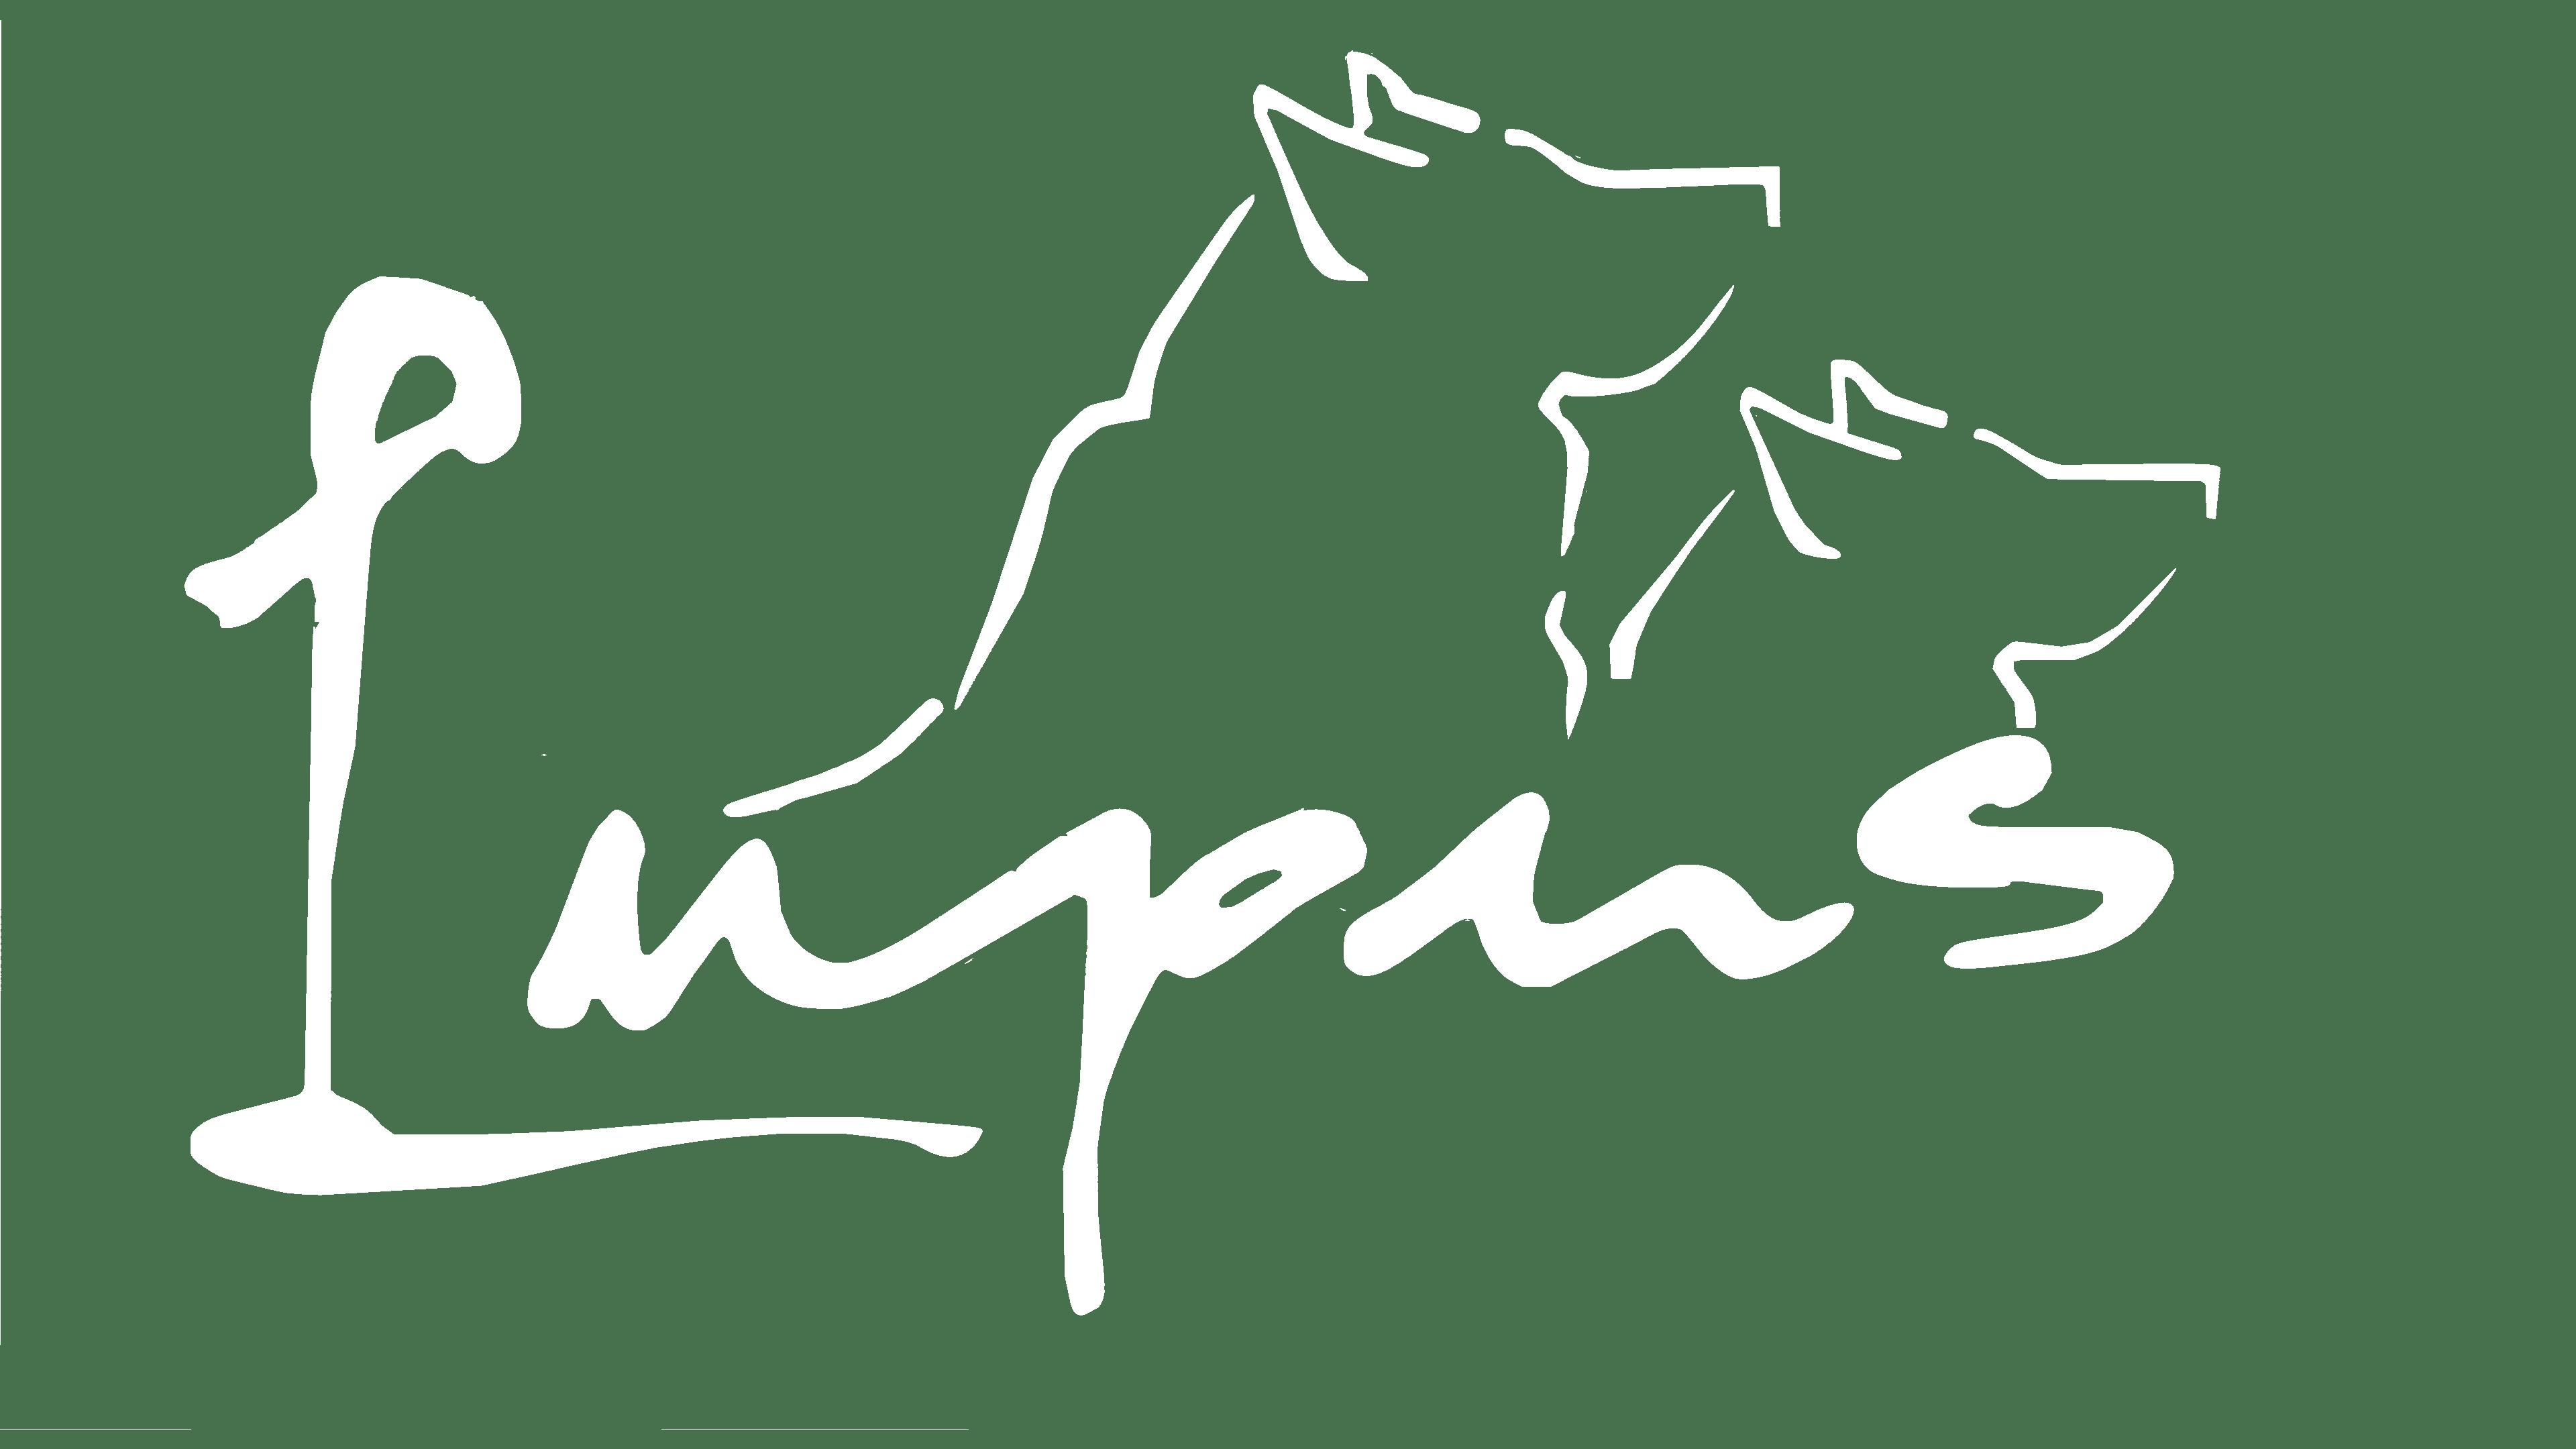 Lupus Wolfsburg logo